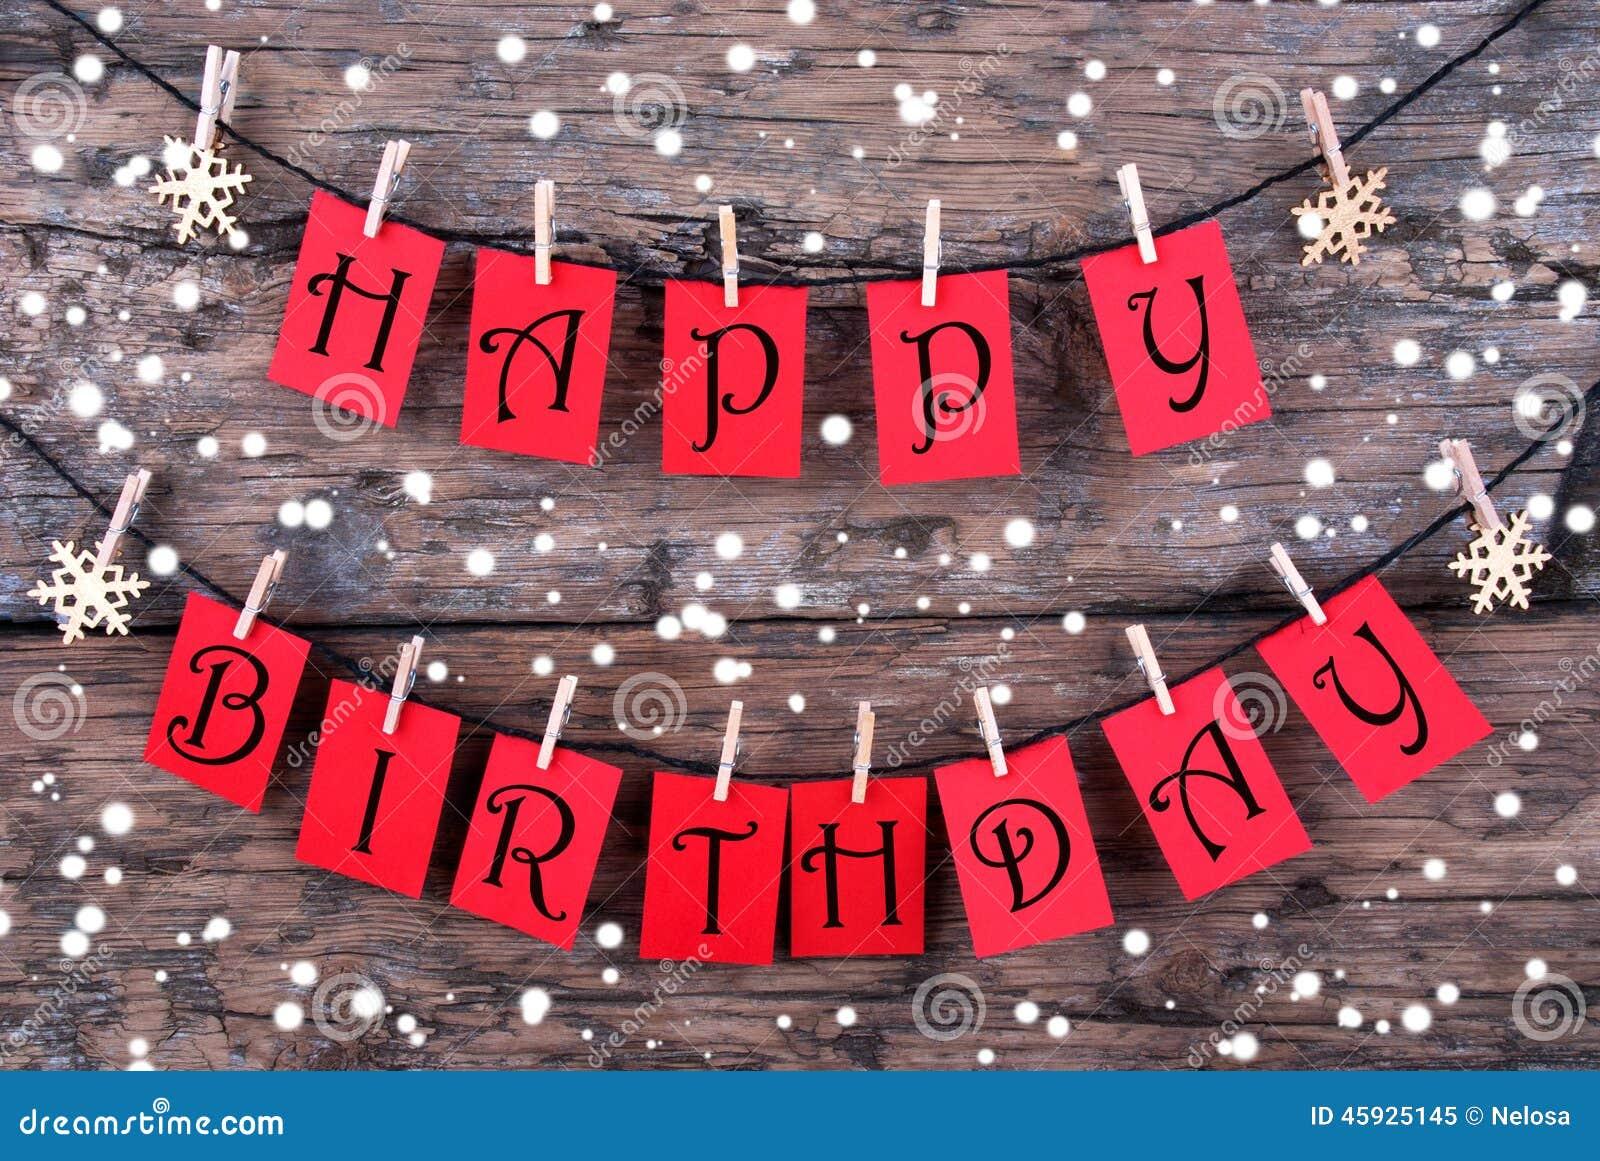 Tags Mit Alles Gute Zum Geburtstagwunschen Im Schnee Stockbild